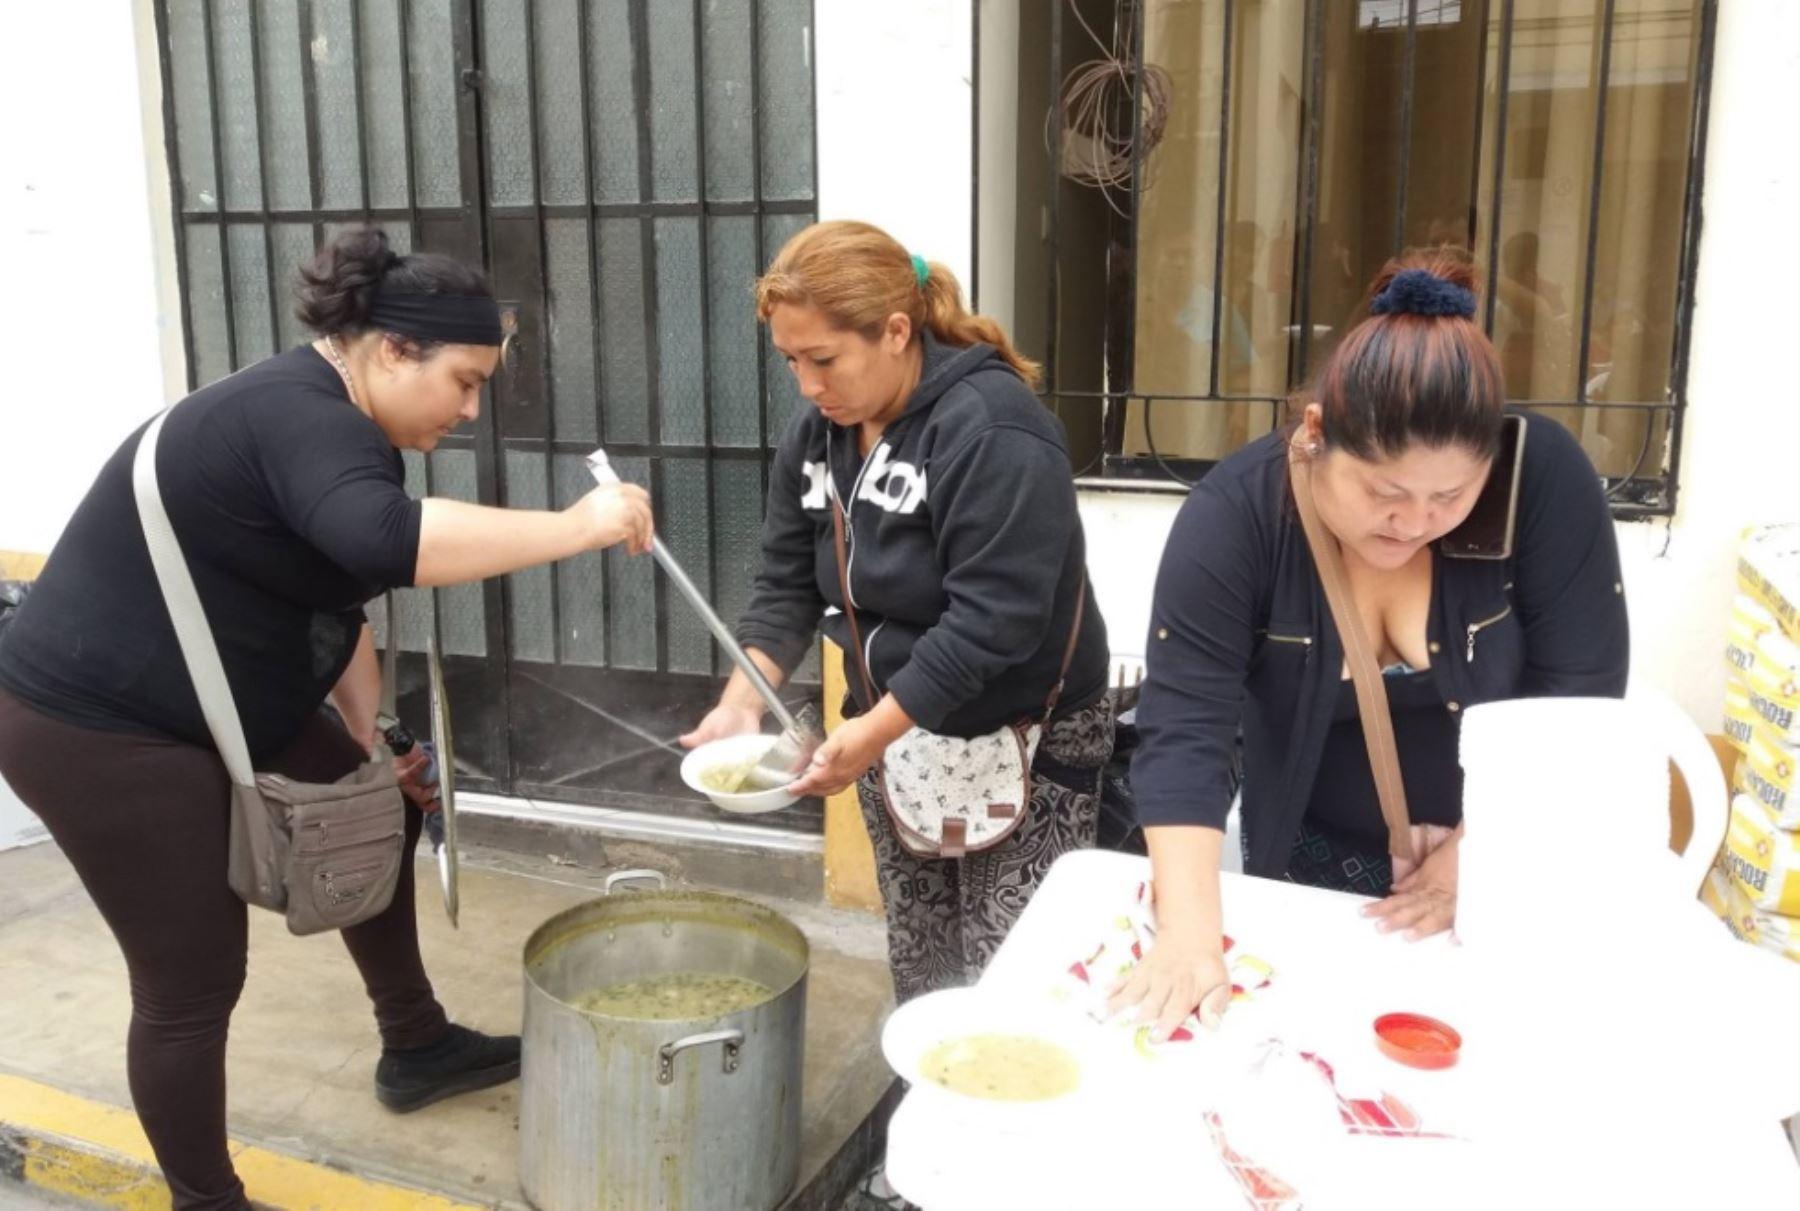 Un grupo de mujeres voluntarias acudió al hospital de Chancay llevando alimentos para los familiares de las víctimas de los dos accidentes ocurridos en Pasamayo en las últimas 24 horas, gesto solidario que fue agradecido por las autoridades del nosocomio.